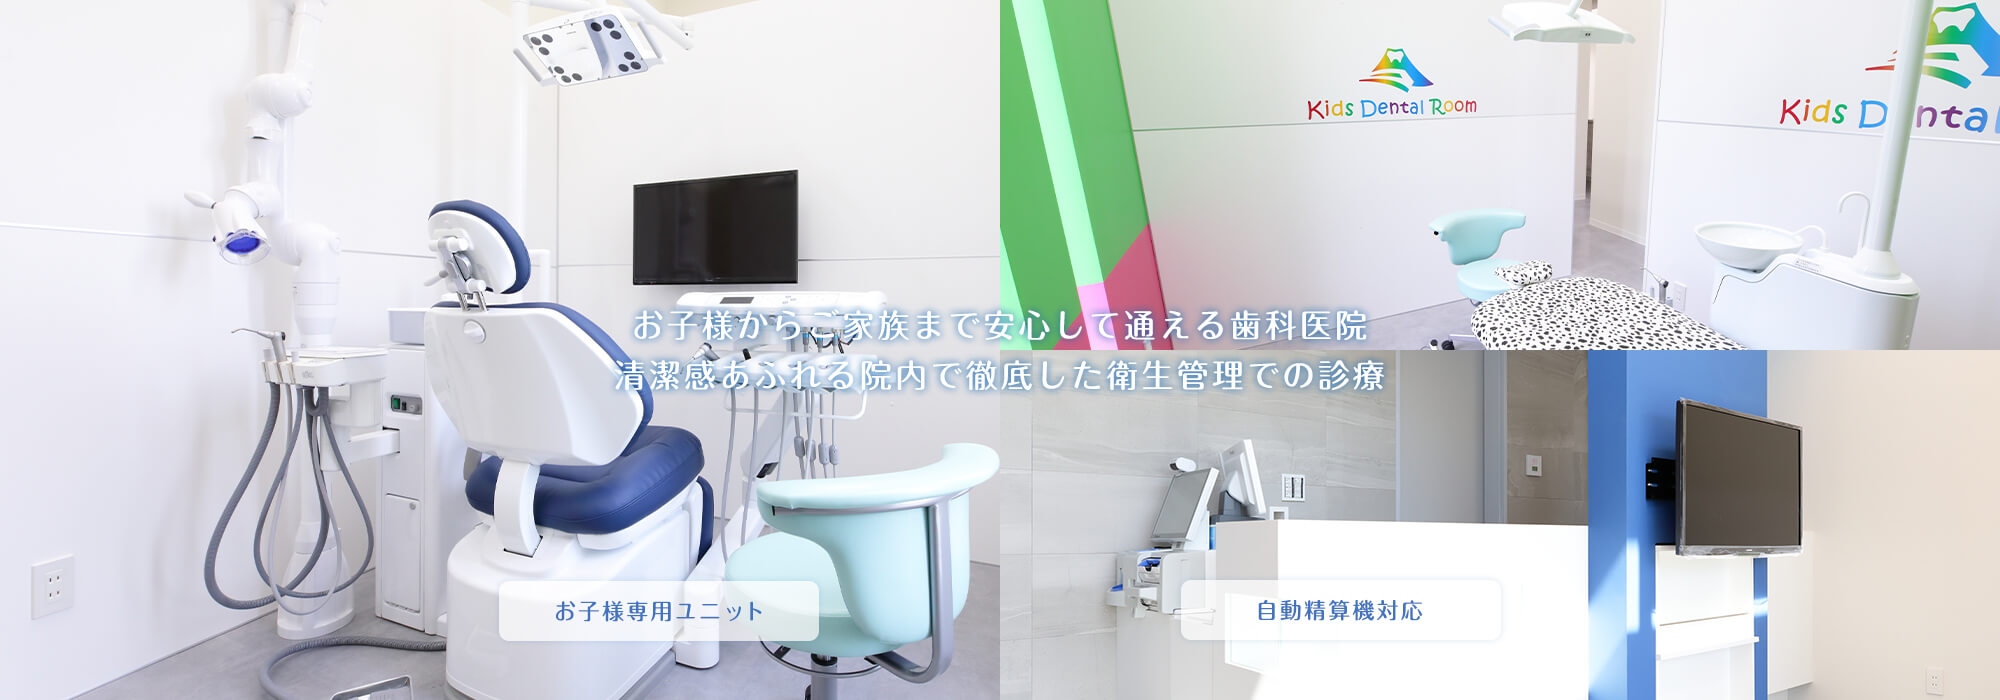 お子様からご家族まで安心して通える歯科医院 清潔感あふれる院内で徹底した衛生管理での診療